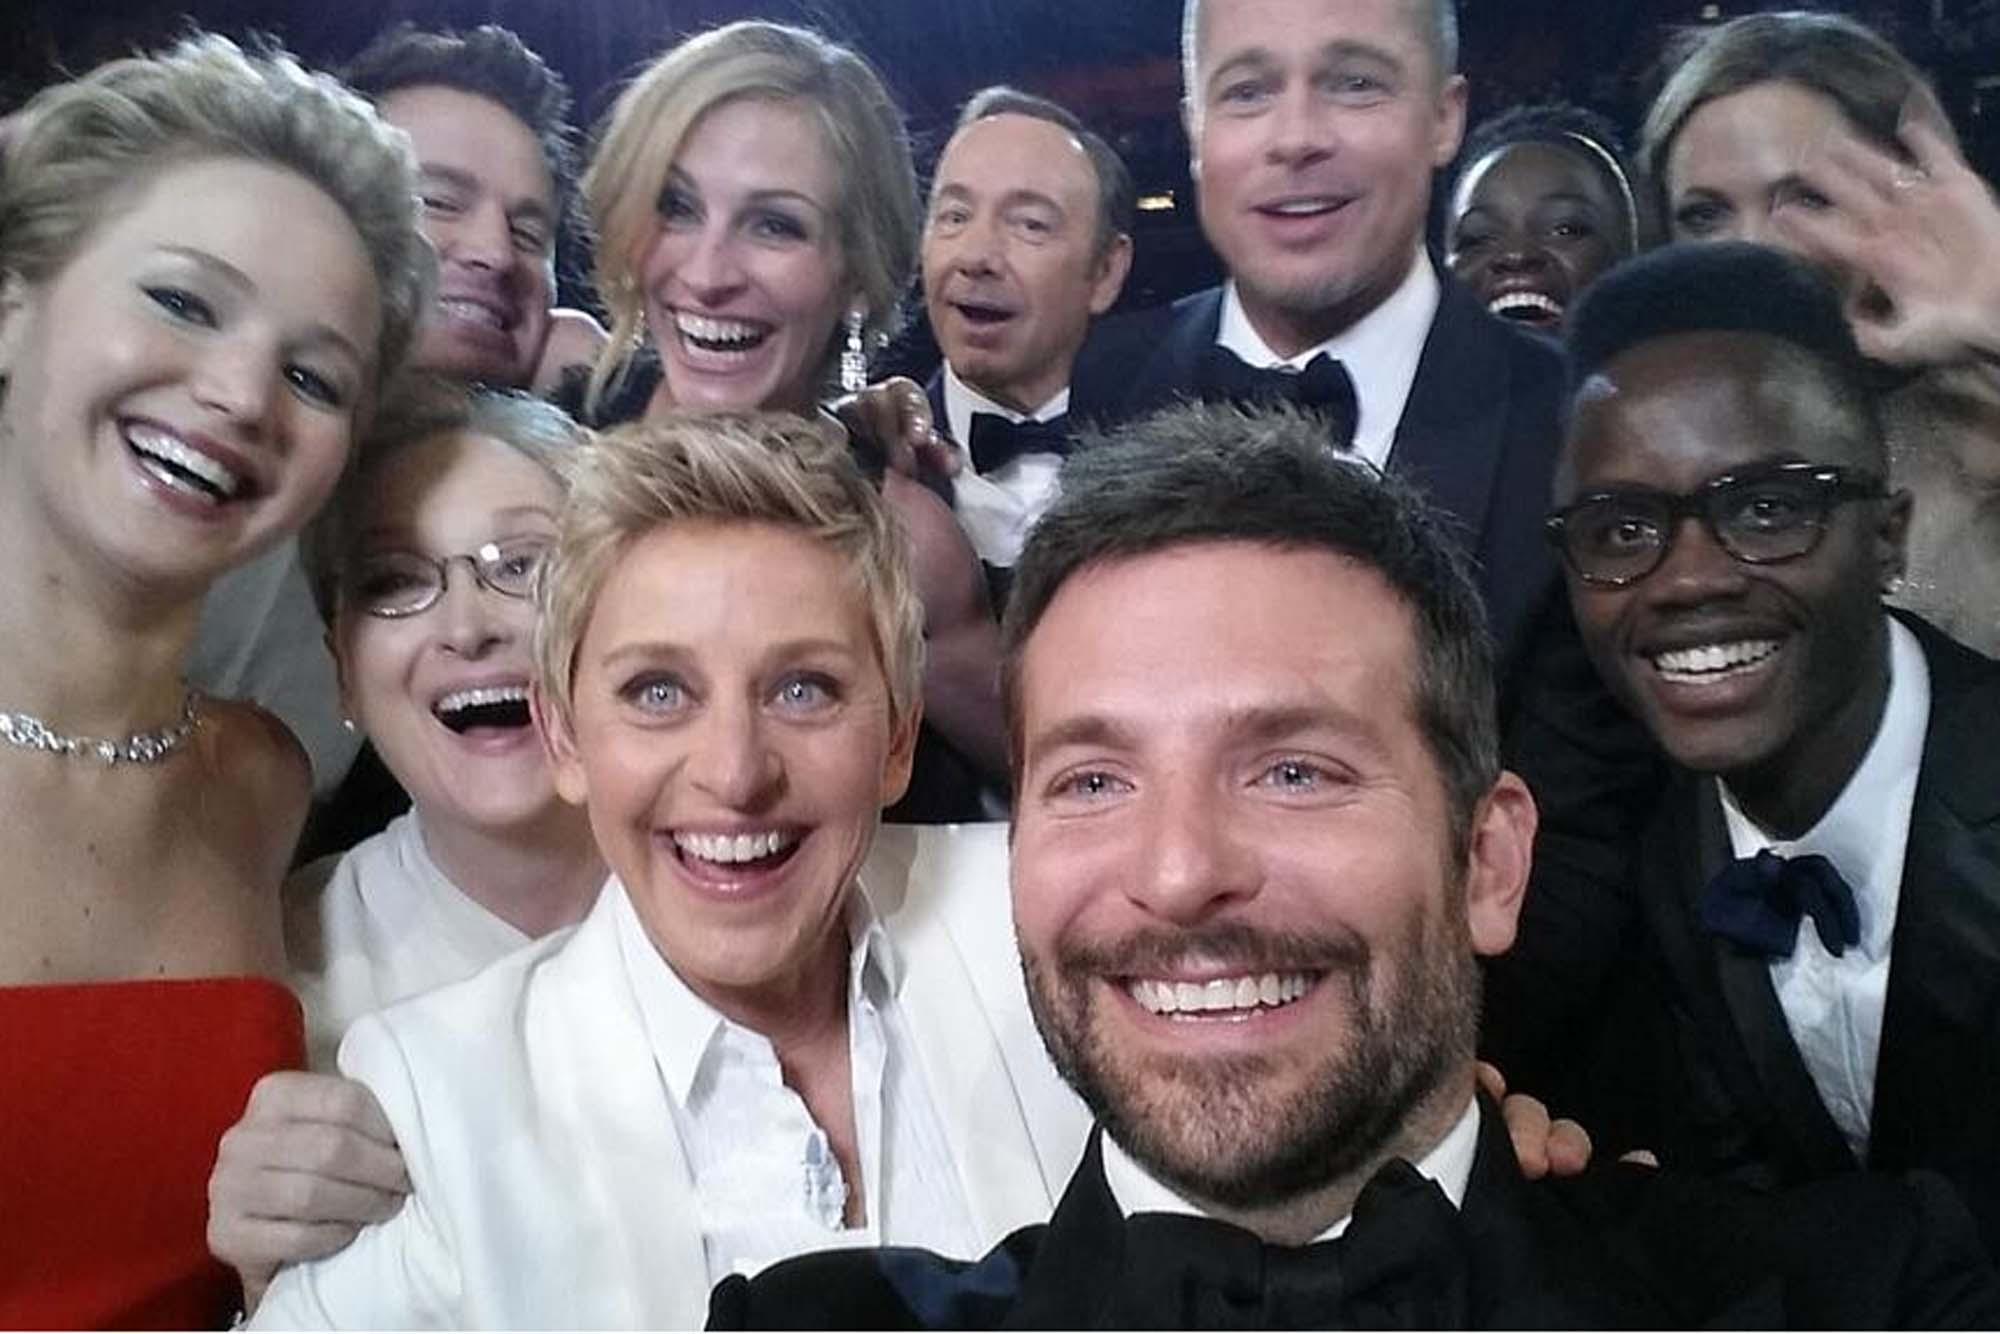 La 'selfie' tomada en los Oscar habría sido planeada por Samsung como una estrategia comercial.